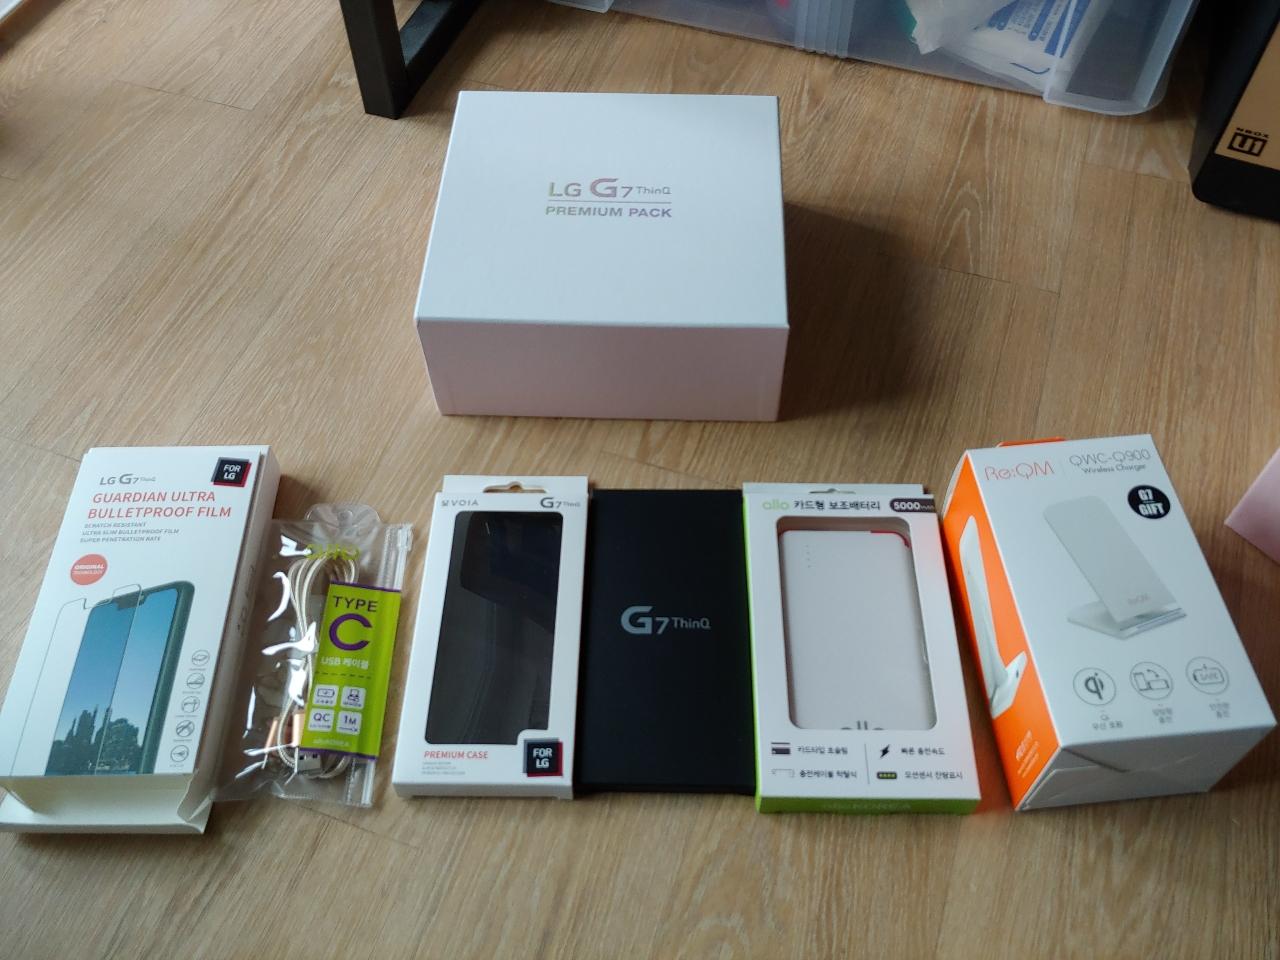 핸드폰 보조배터리, 무선충전기, 케이블, G7 케이스